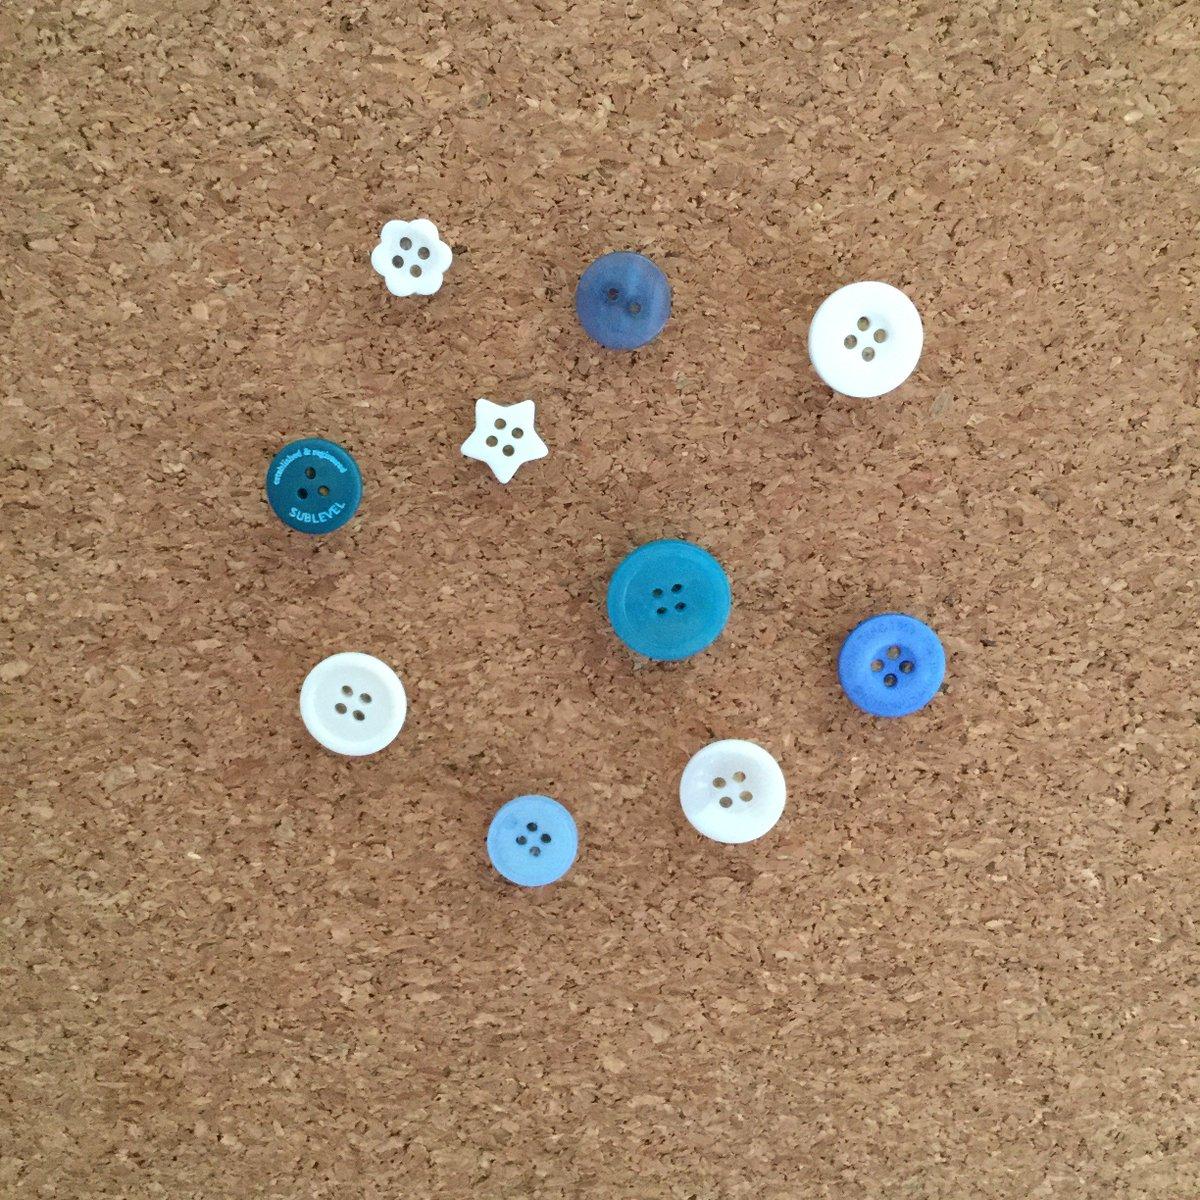 Button Corkboard Pins!   http:// aboxofbuttons.wordpress.com/2017/06/21/but ton-corkboard-pins/ &nbsp; …  #corkboard #buttons #aboxofbuttons #wordpress #wordpressblog #diy #diyblog #blogger #craft<br>http://pic.twitter.com/7vnknSeIxx